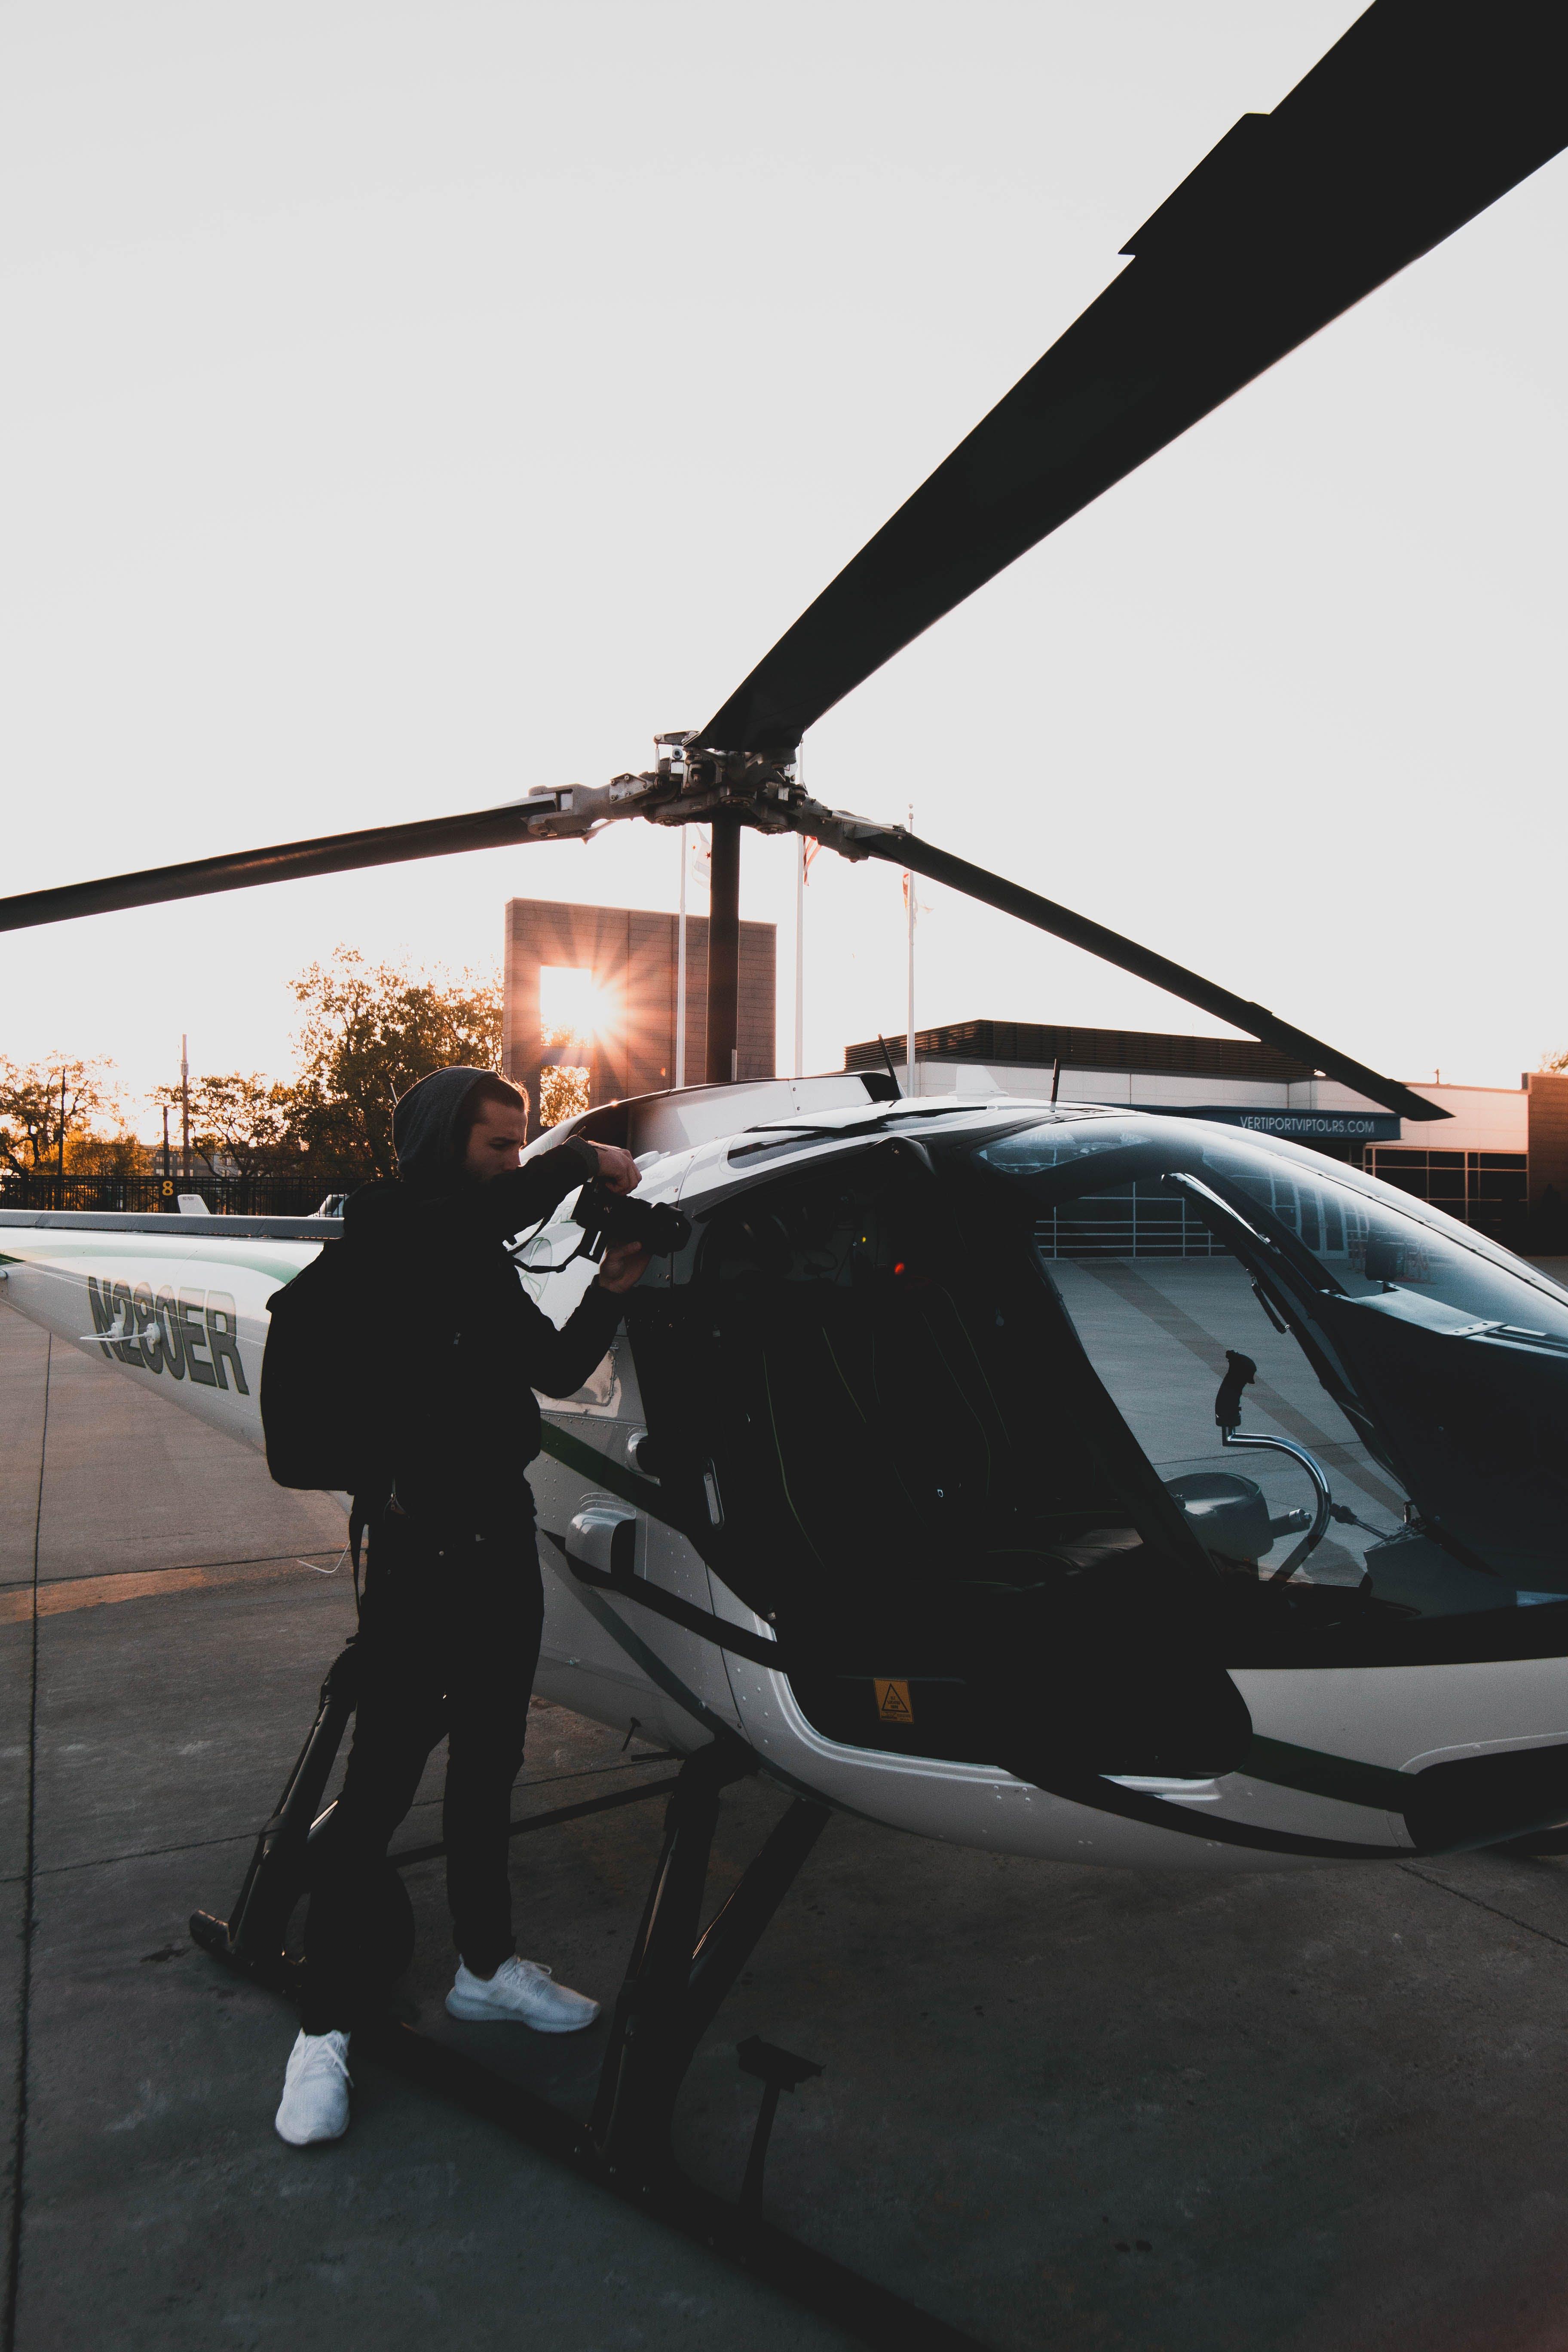 açık hava, adam, gün ışığı, hava aracı içeren Ücretsiz stok fotoğraf